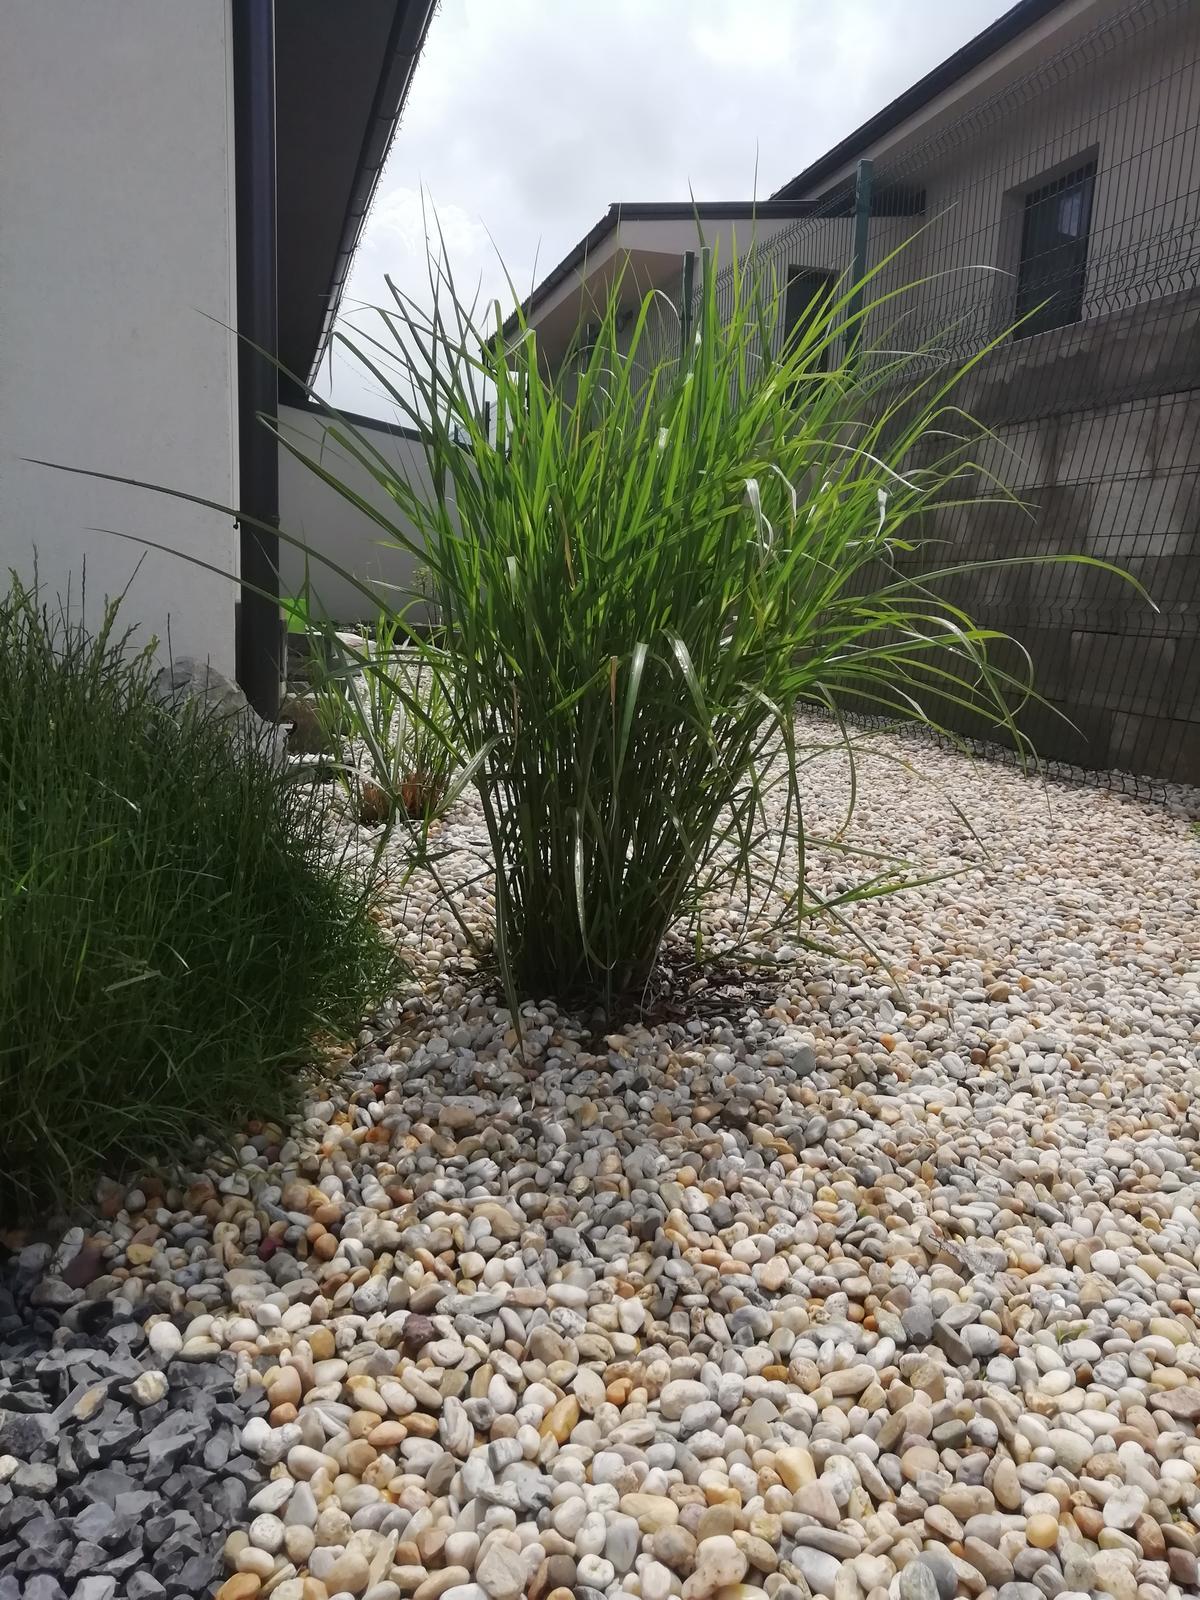 Záhradka 2019/20 bývame 4 a 5 rok :-) - Tráva miscantus nádherná